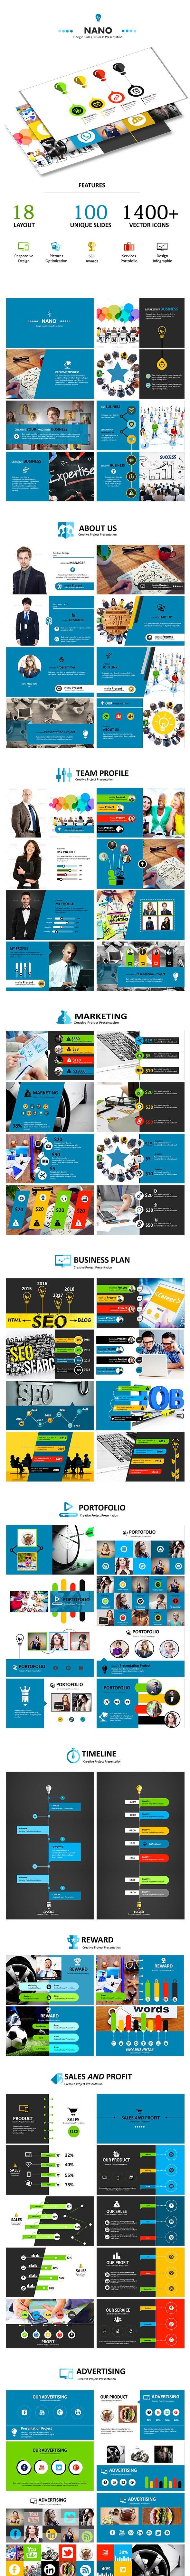 NANO - Google Slides Business Presentation - Google Slides Presentation Templates